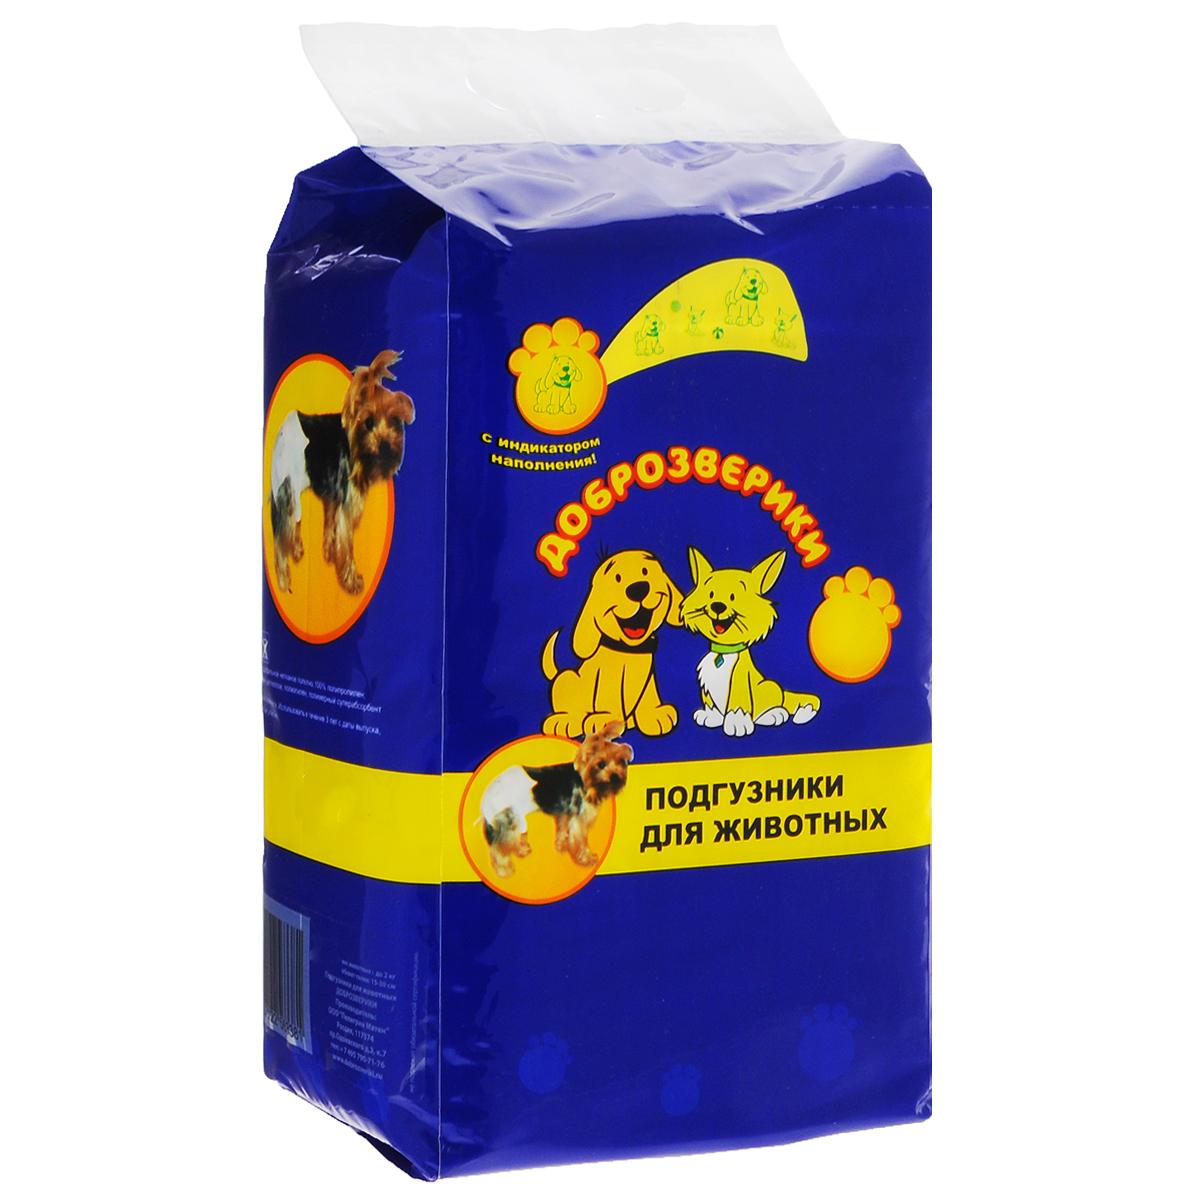 Подгузники для животных  Доброзверики , 7-15 кг, 12 шт. Размер М - Средства для ухода и гигиены